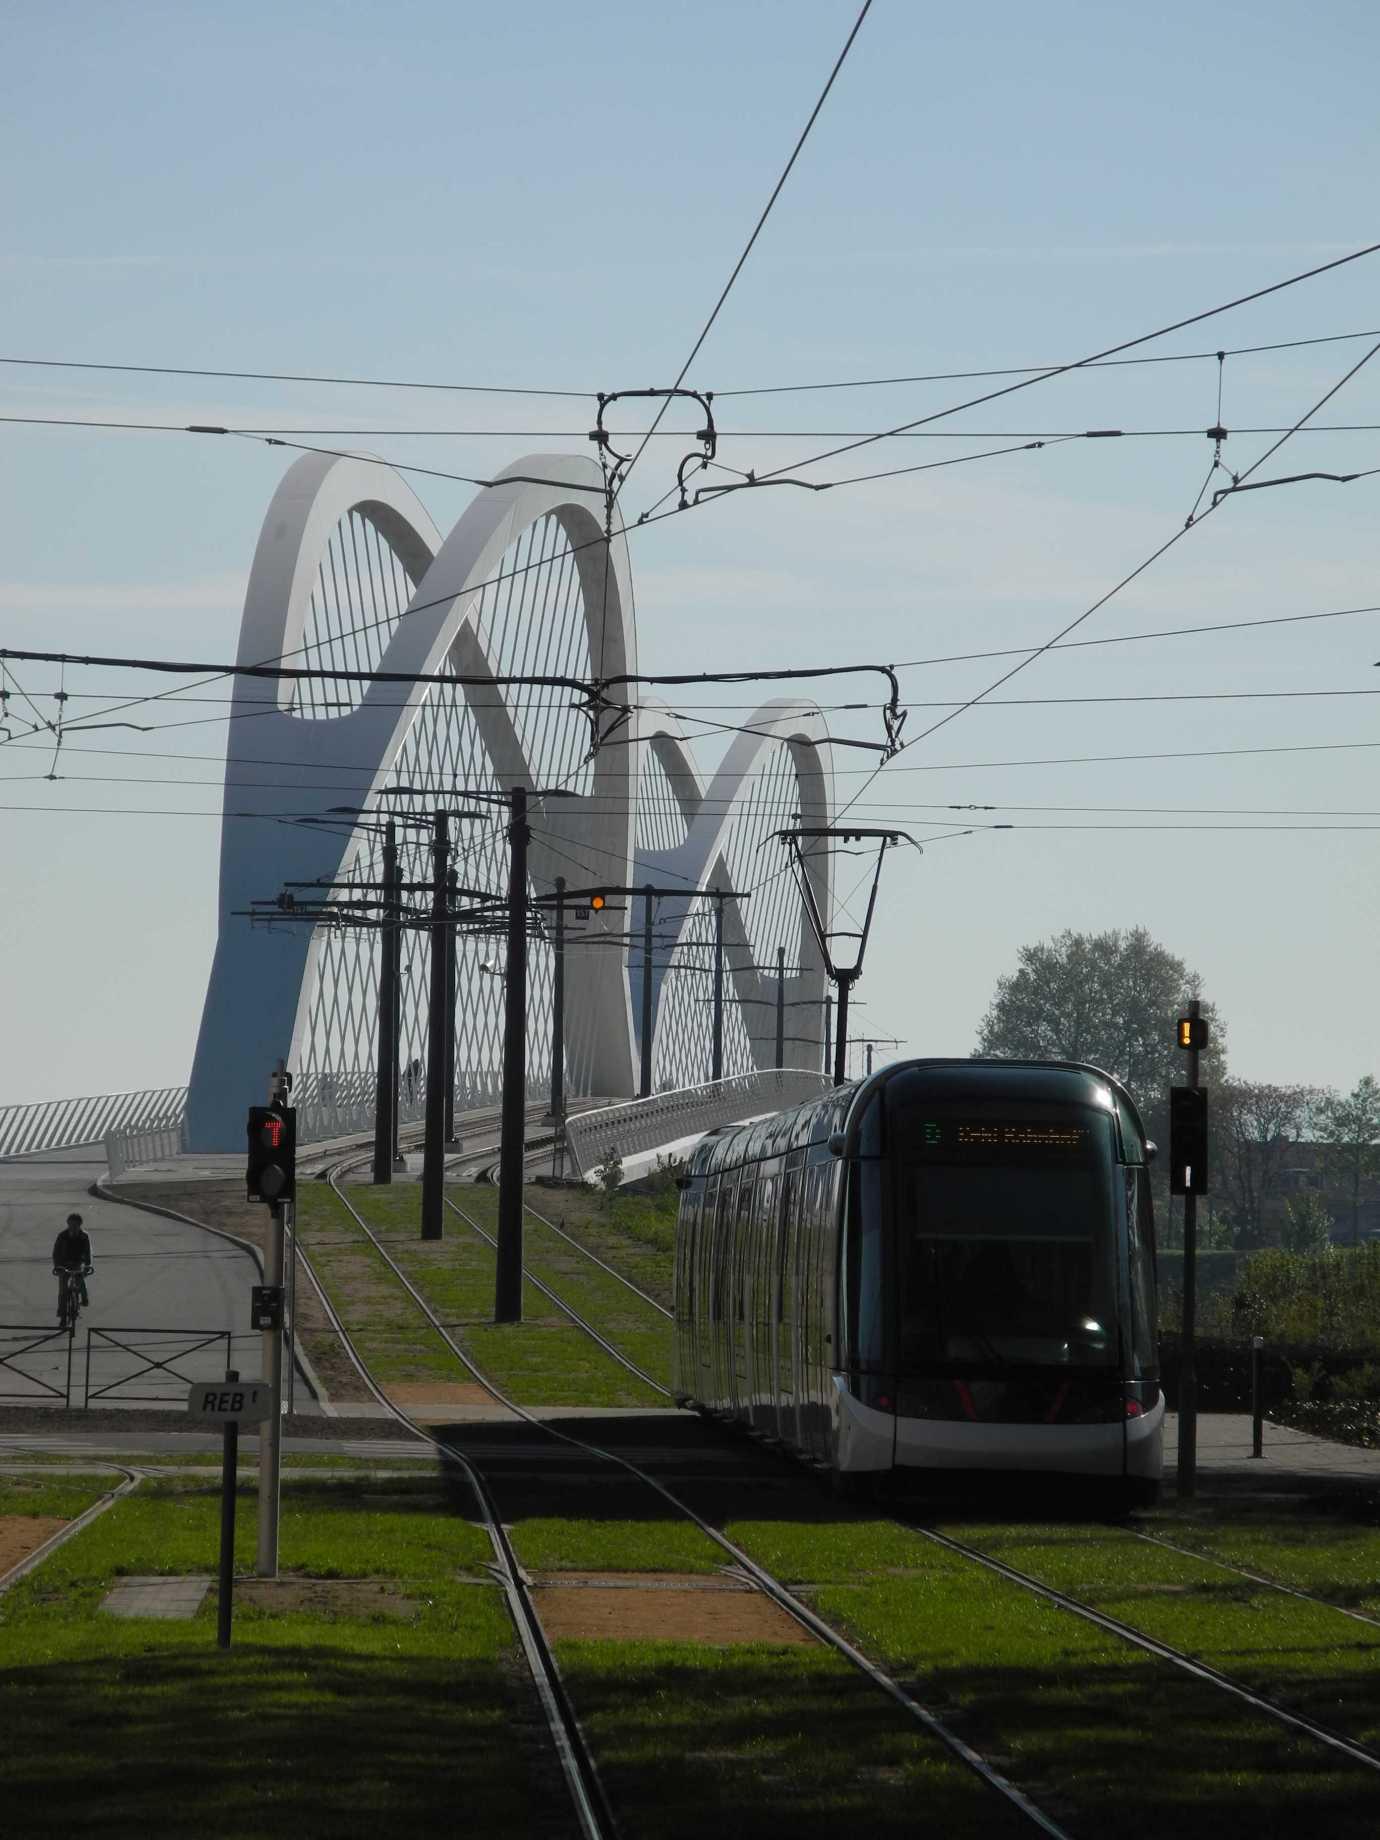 Tram Linie D, einen Hügel auf eine Brücke nach Deutschland hinauf fahrend